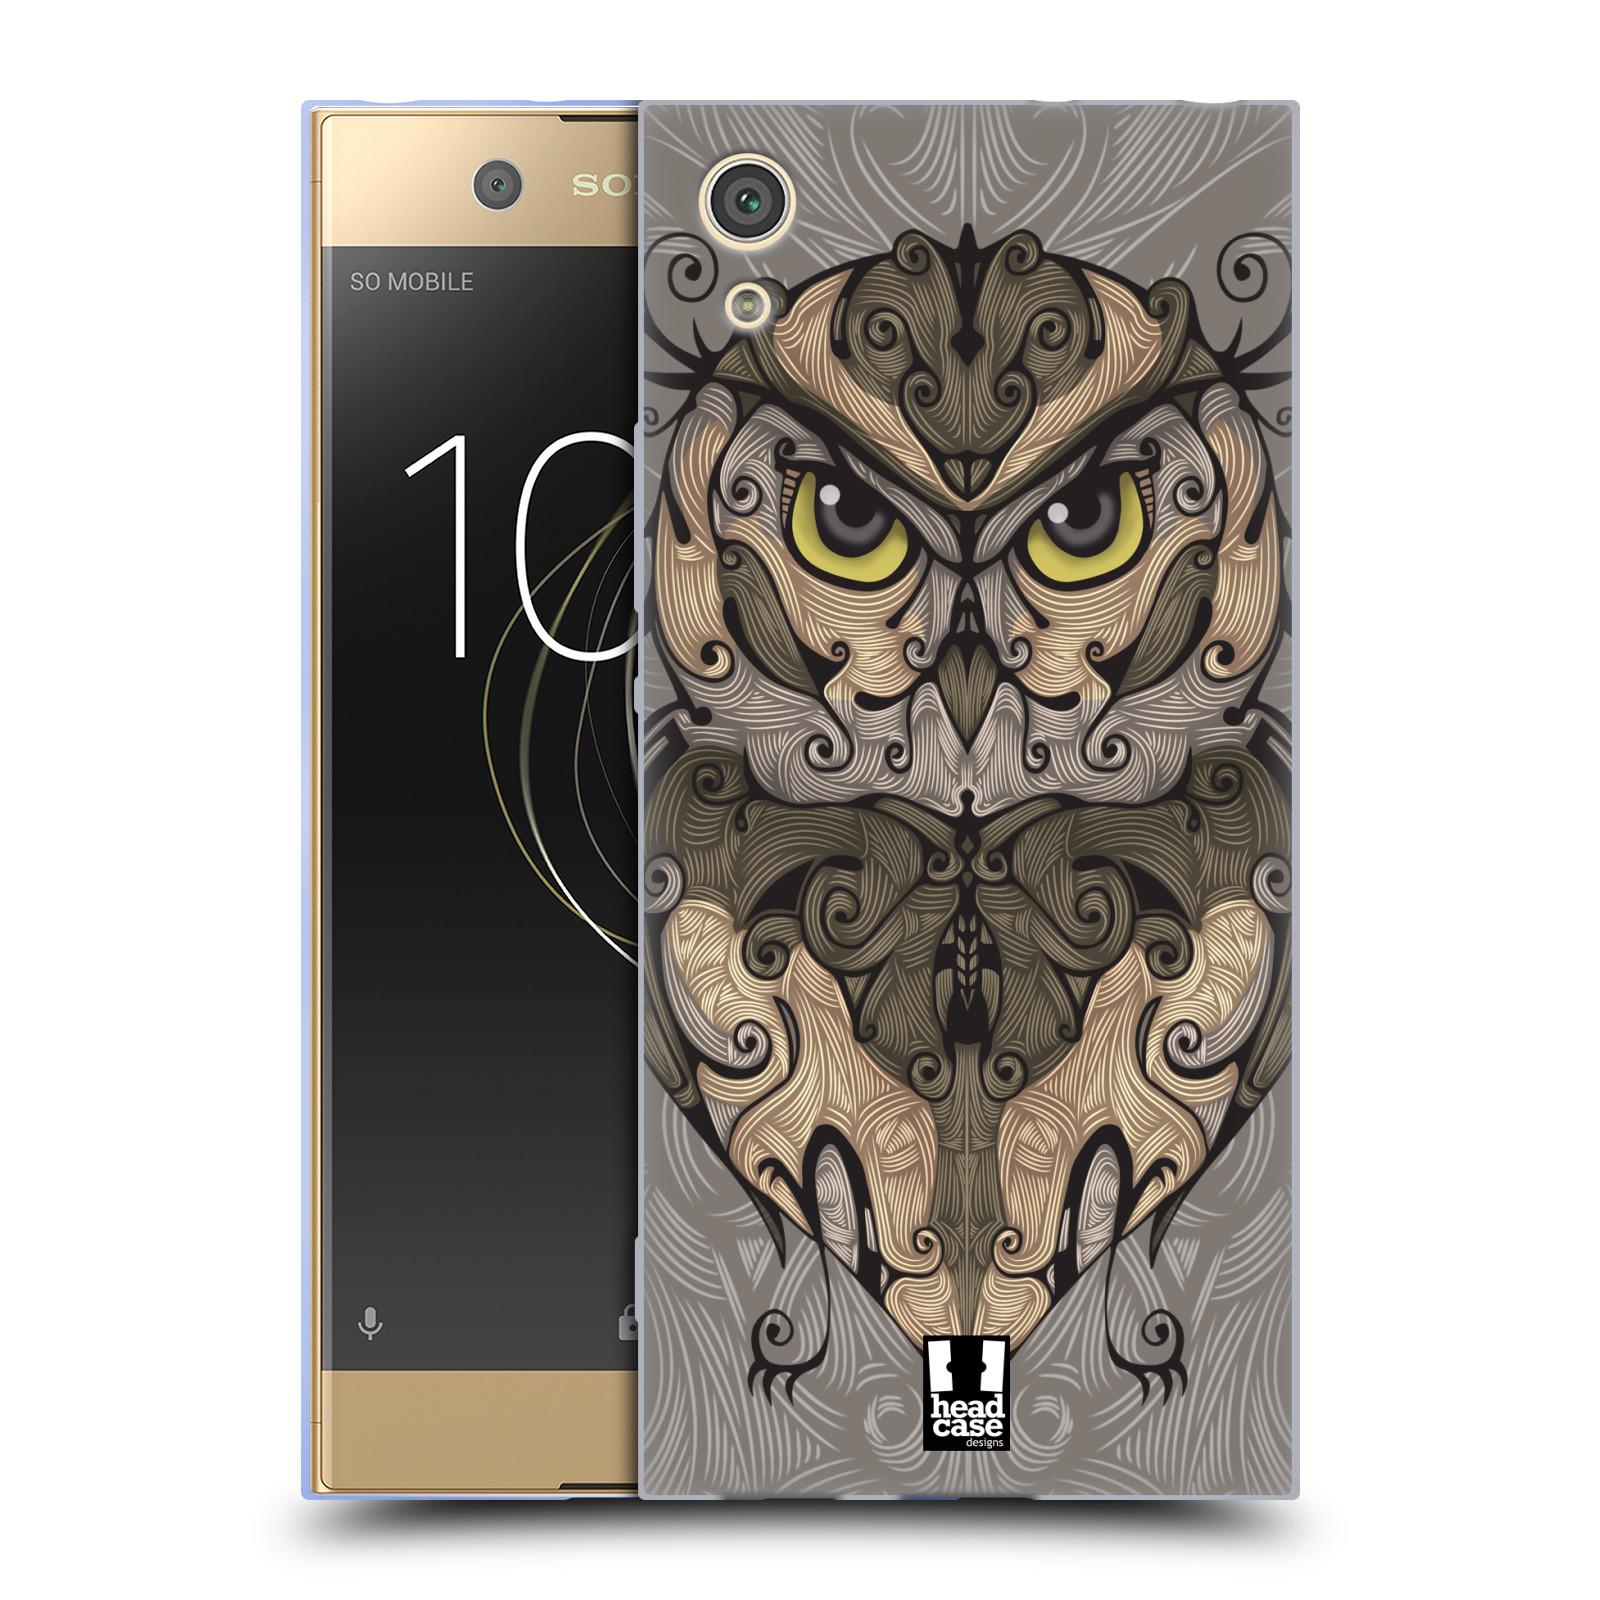 HEAD CASE silikonový obal na mobil Sony Xperia XA1 / XA1 DUAL SIM vzor kudrlinky zvíře sova